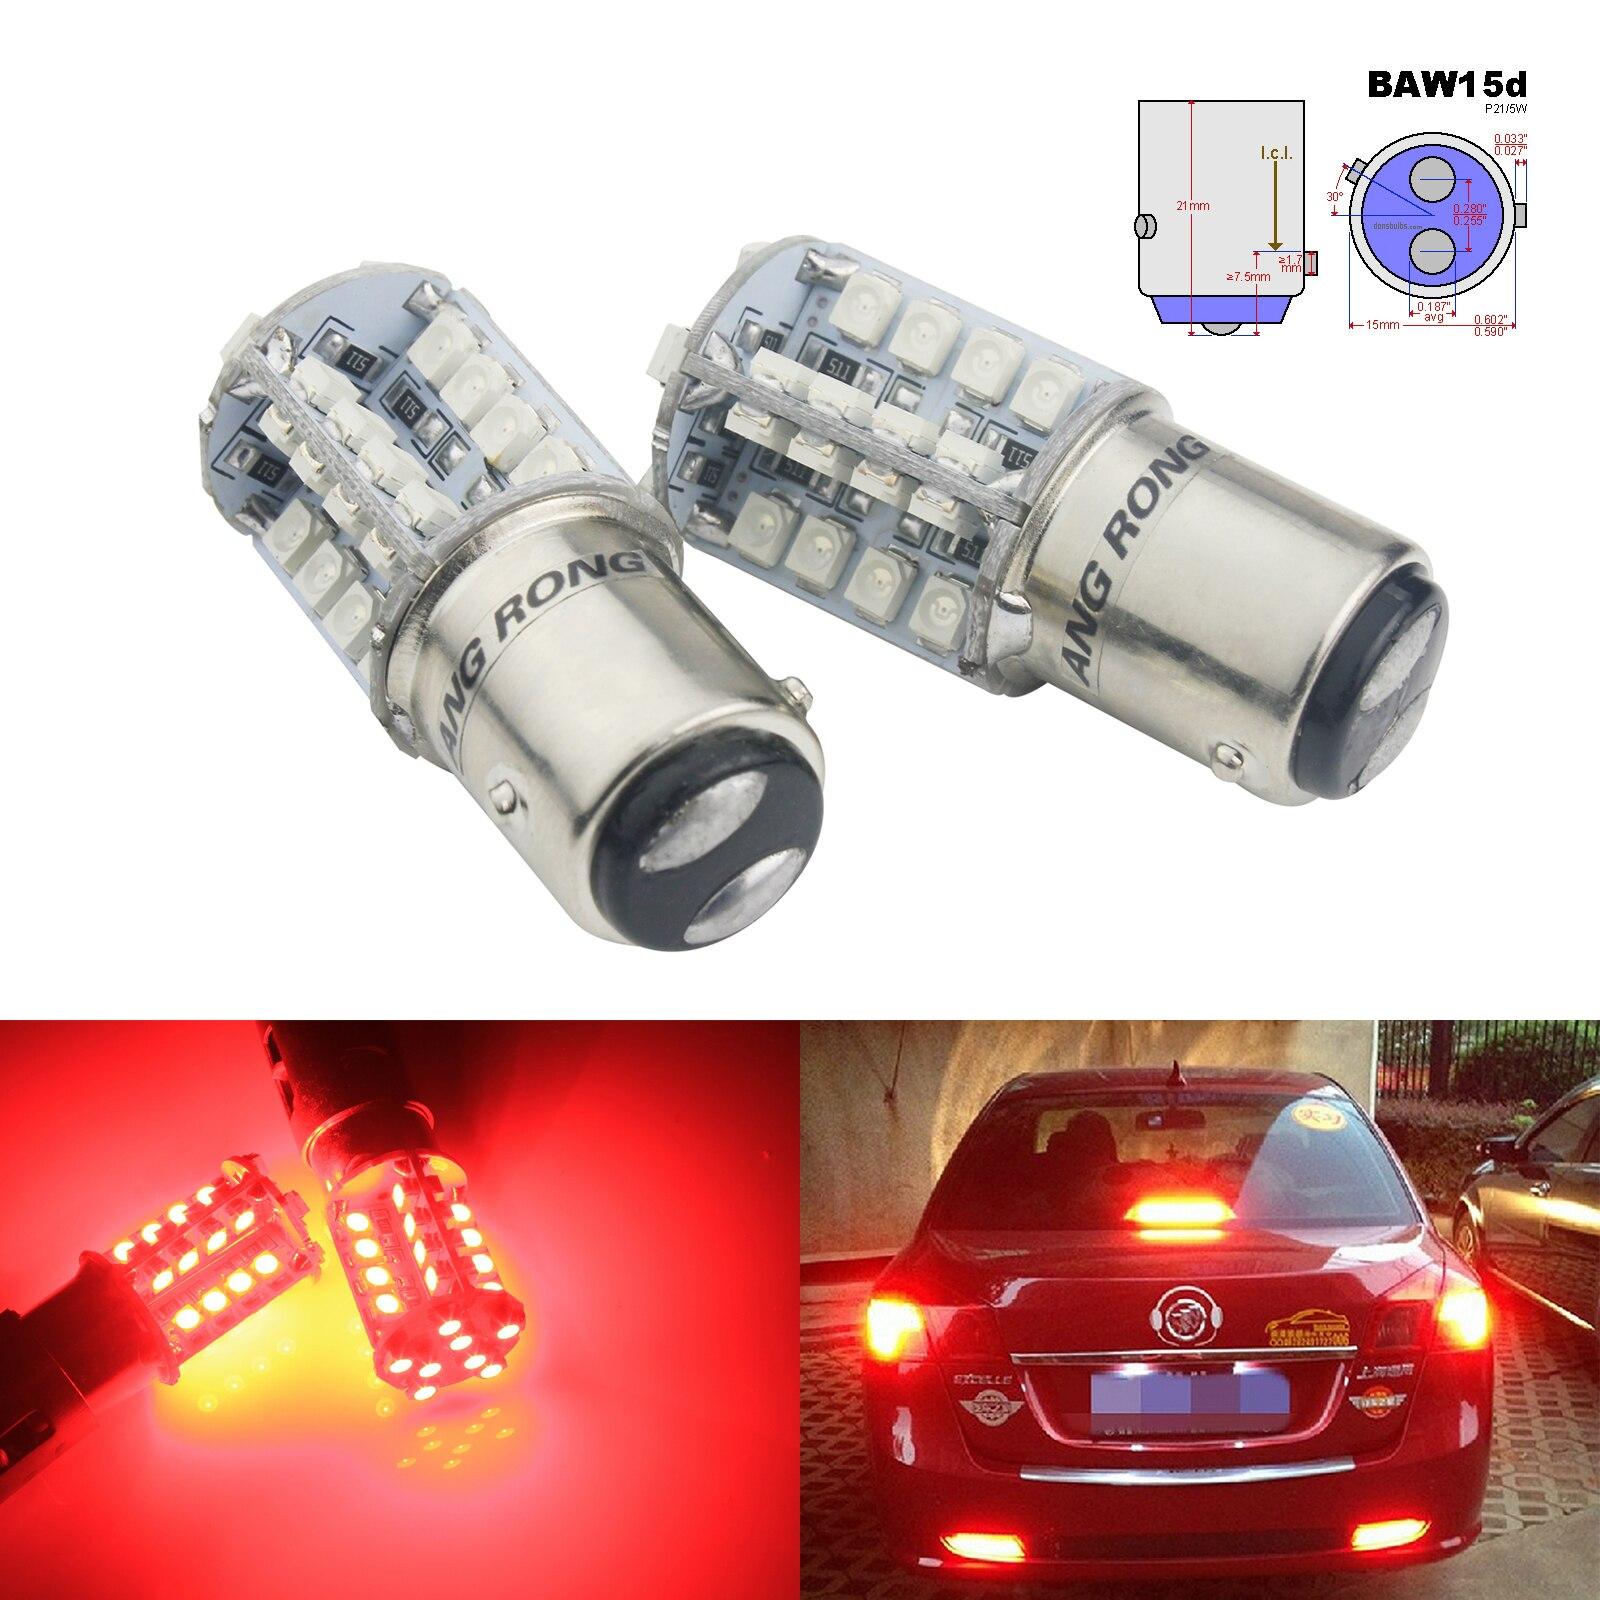 Angrong 2x567 pr21/5 w baw15d bulbo 40 smd led reverso backup cauda parar luz indicadora vermelho